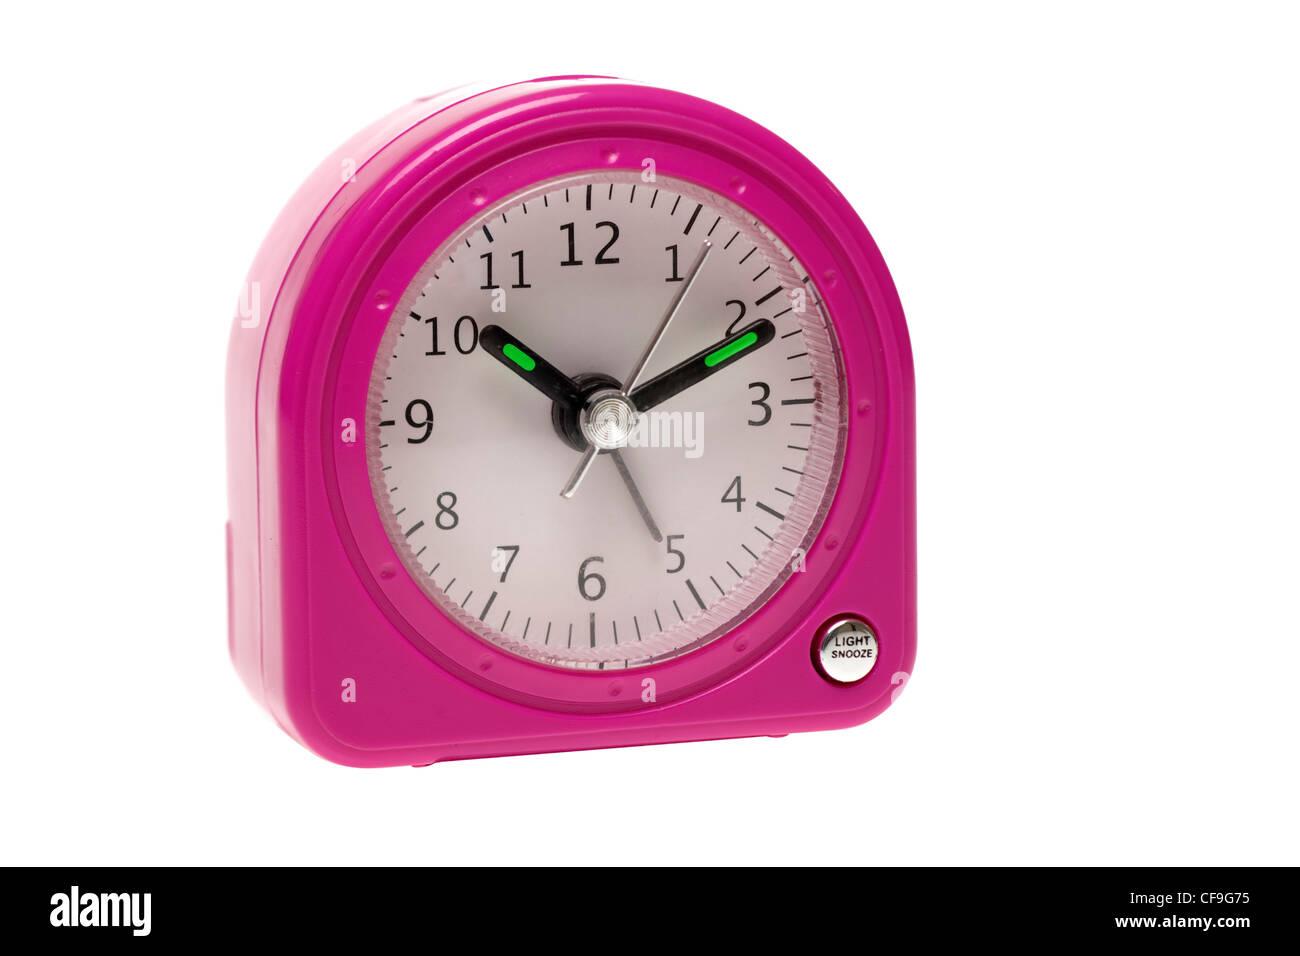 Operado por batería pequeña rosa despertador Imagen De Stock